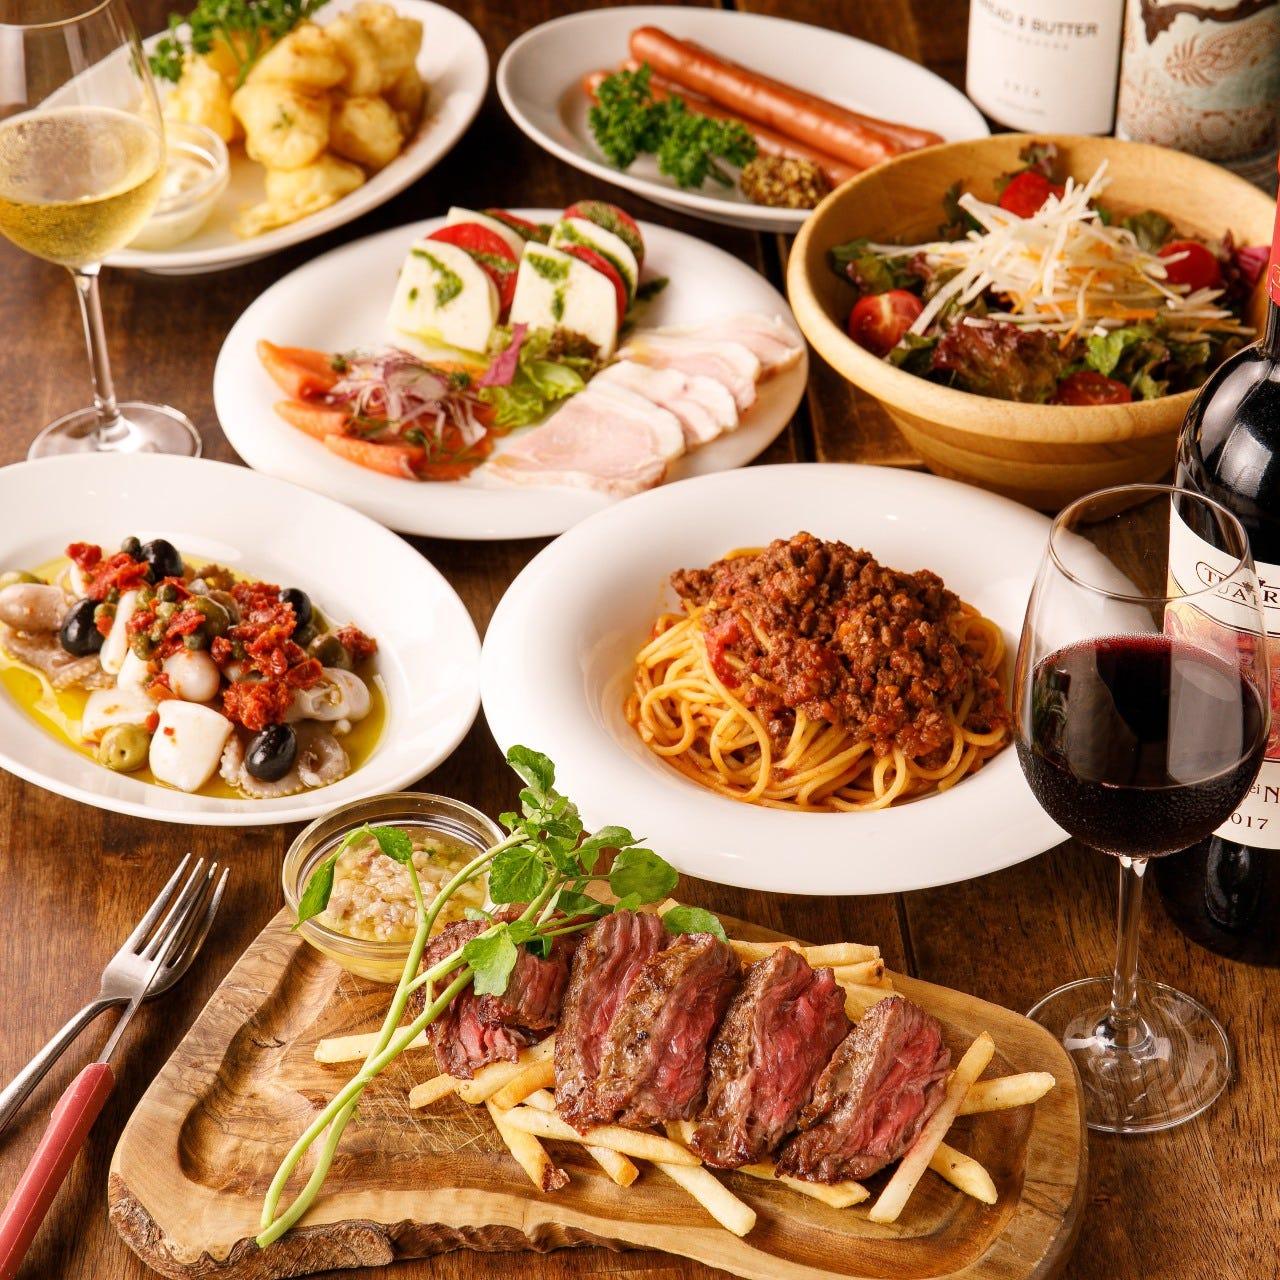 サラダやパスタなどをお好みで料理を選べる♪一押しは王様プラン